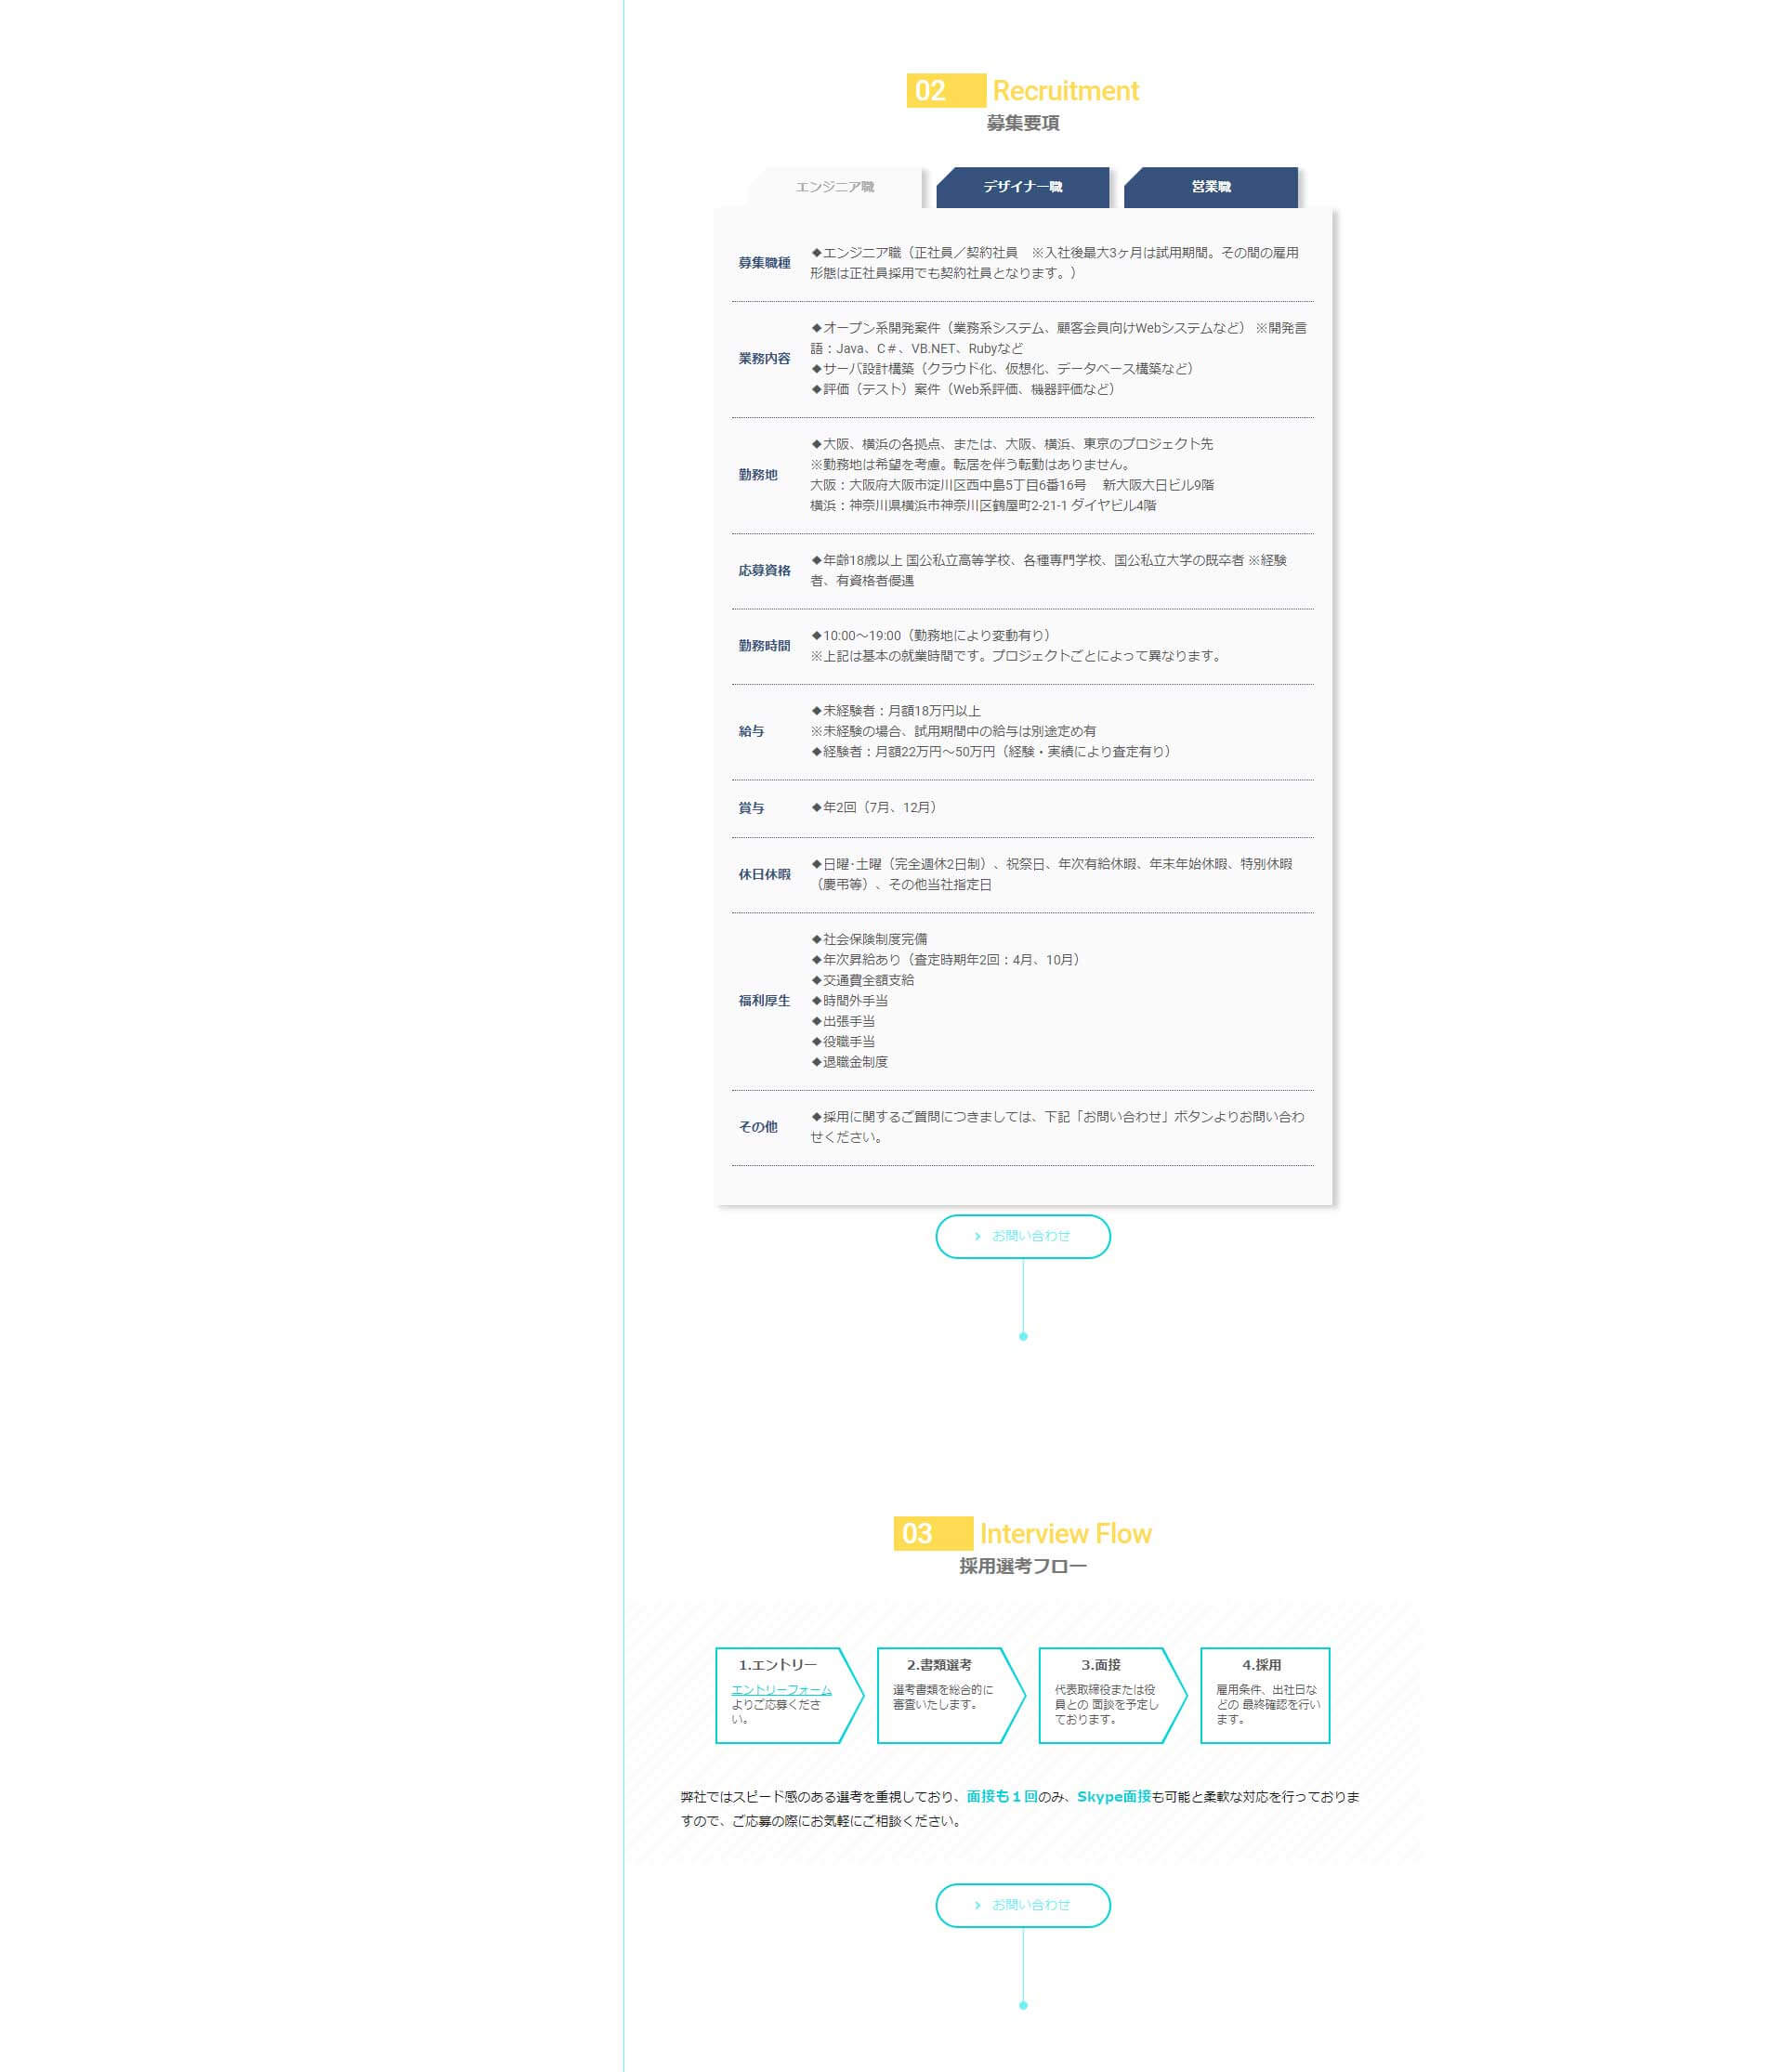 iTiesの採用ページ